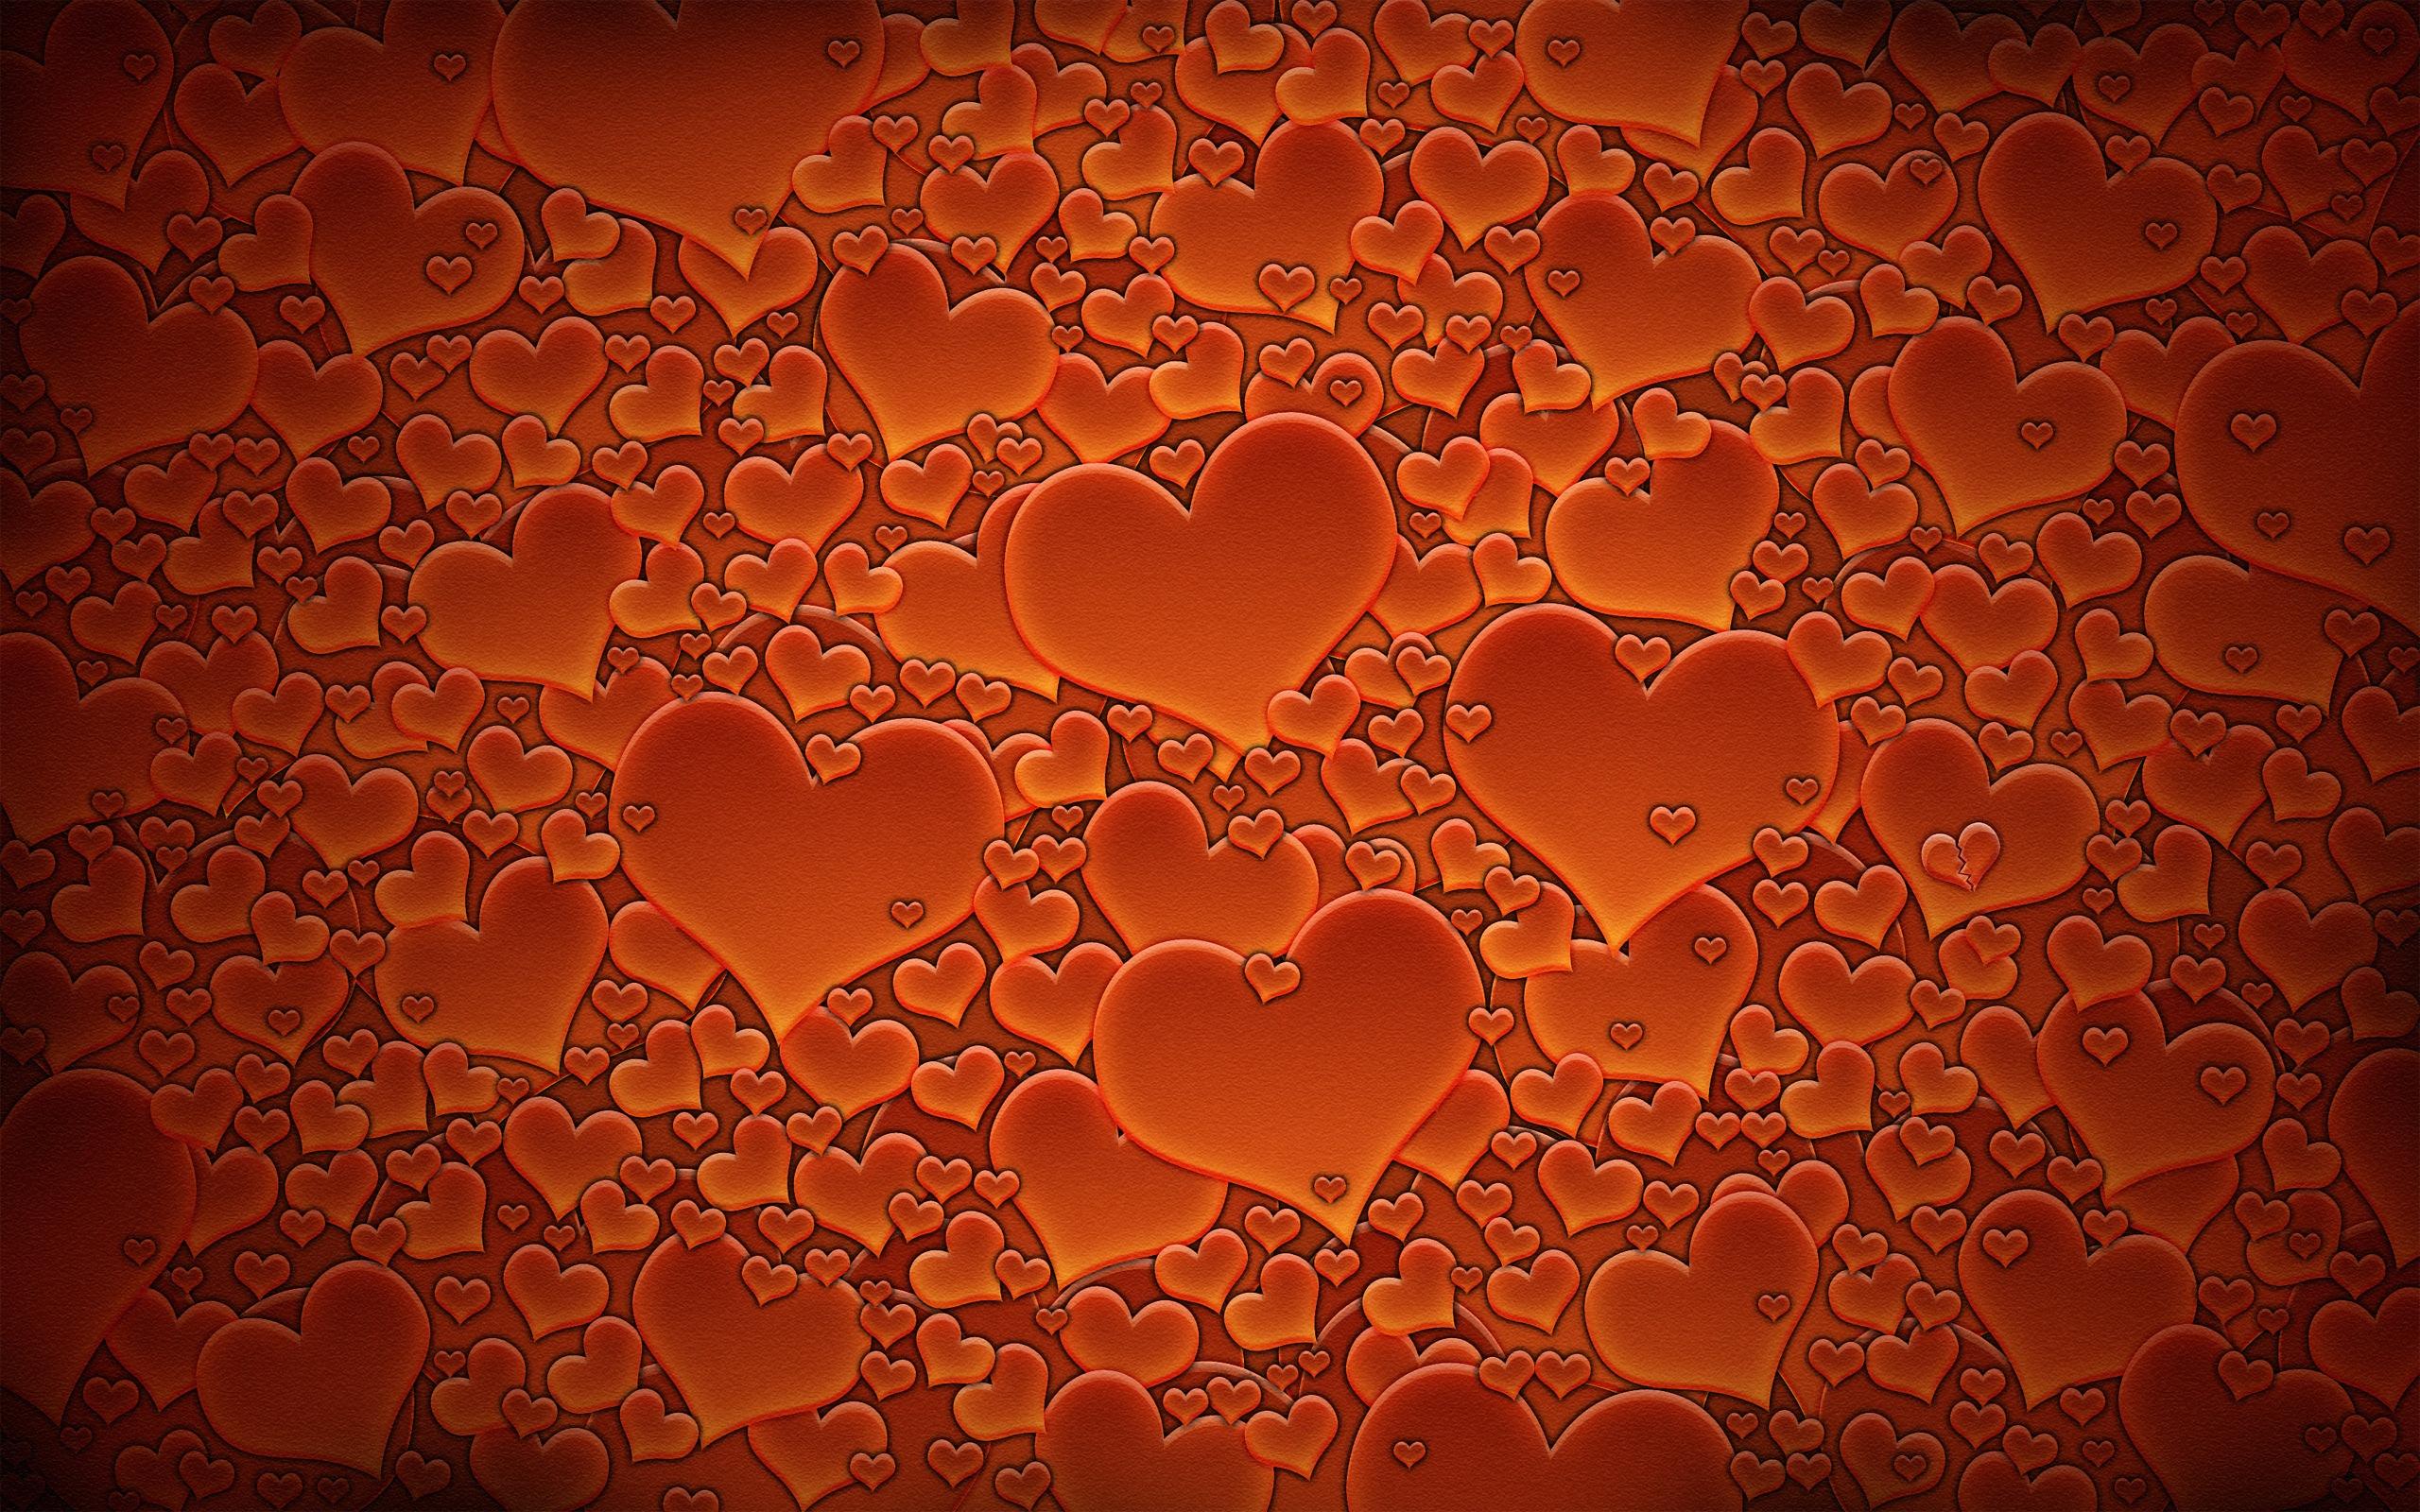 HDoboi.Kiev.ua - День святого Валентина картинка обои рабочего стола, оранжевые сердца, 14 февраля